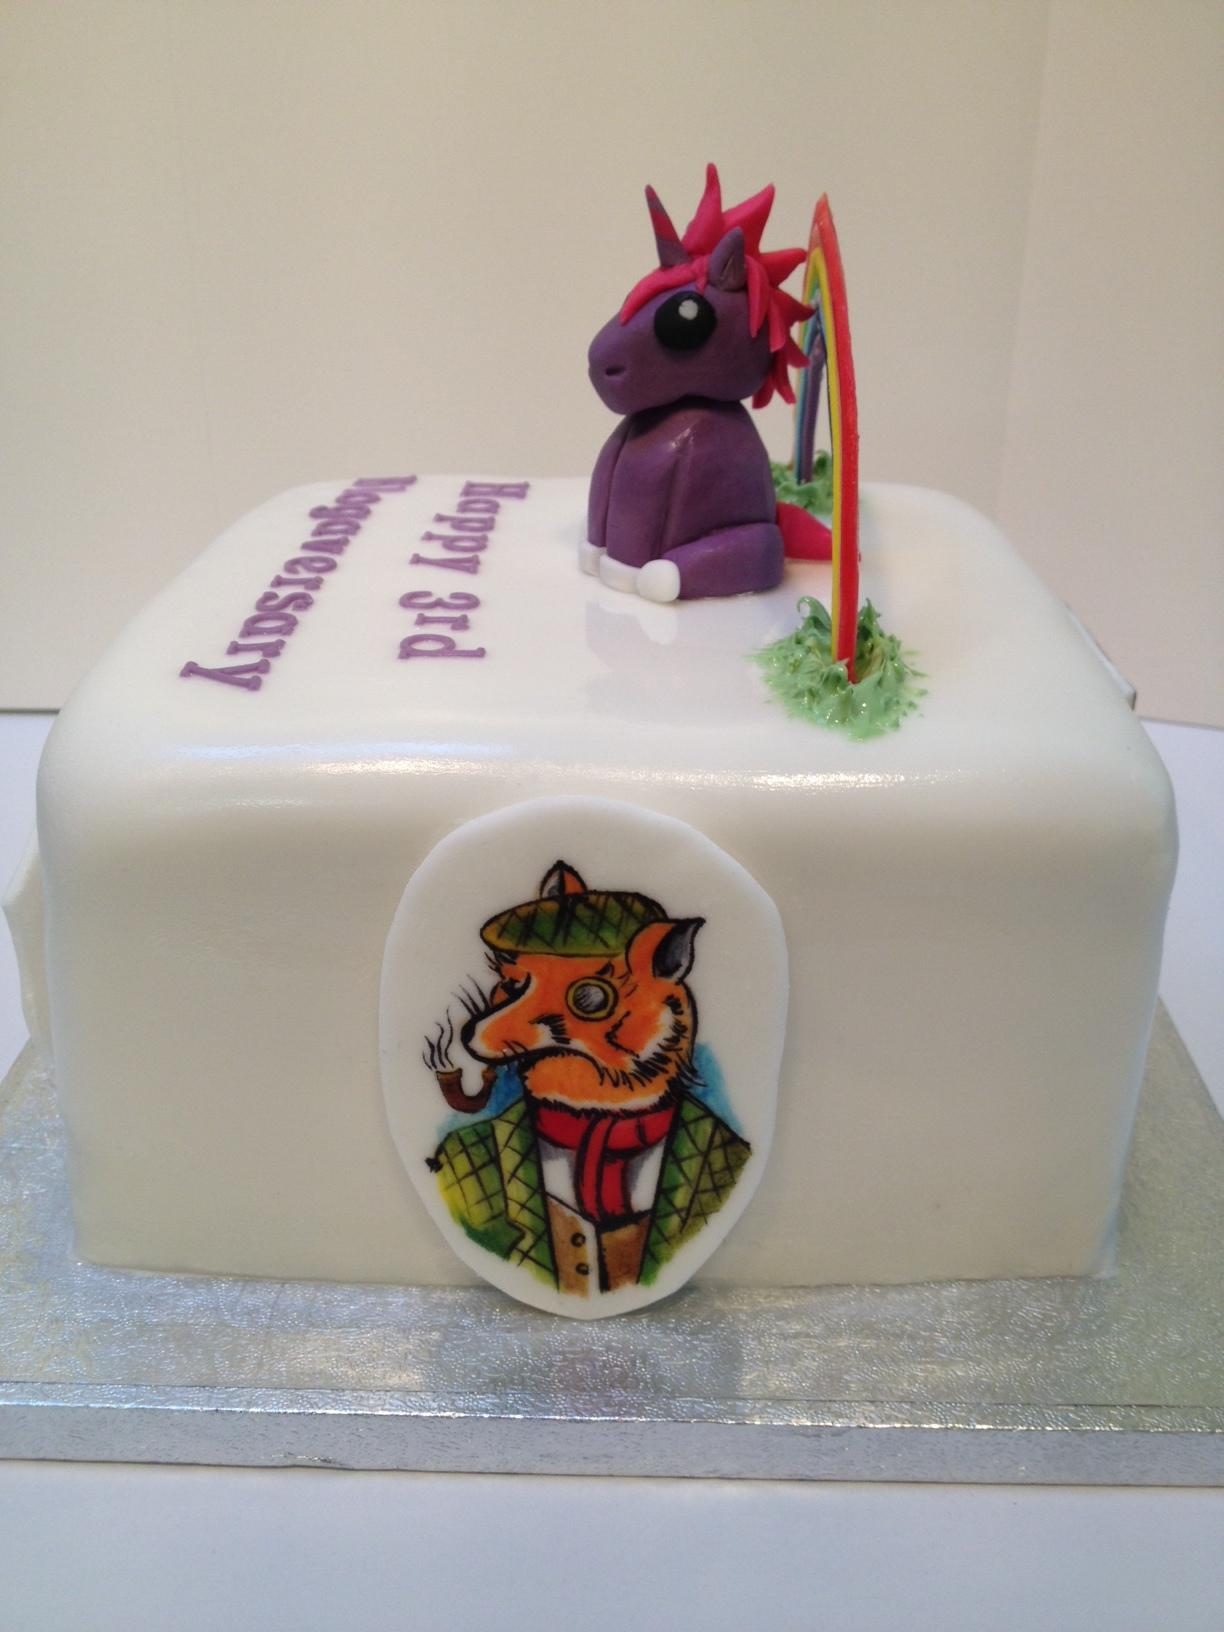 The World of Kitsch 3rd Blogaversary Cake!